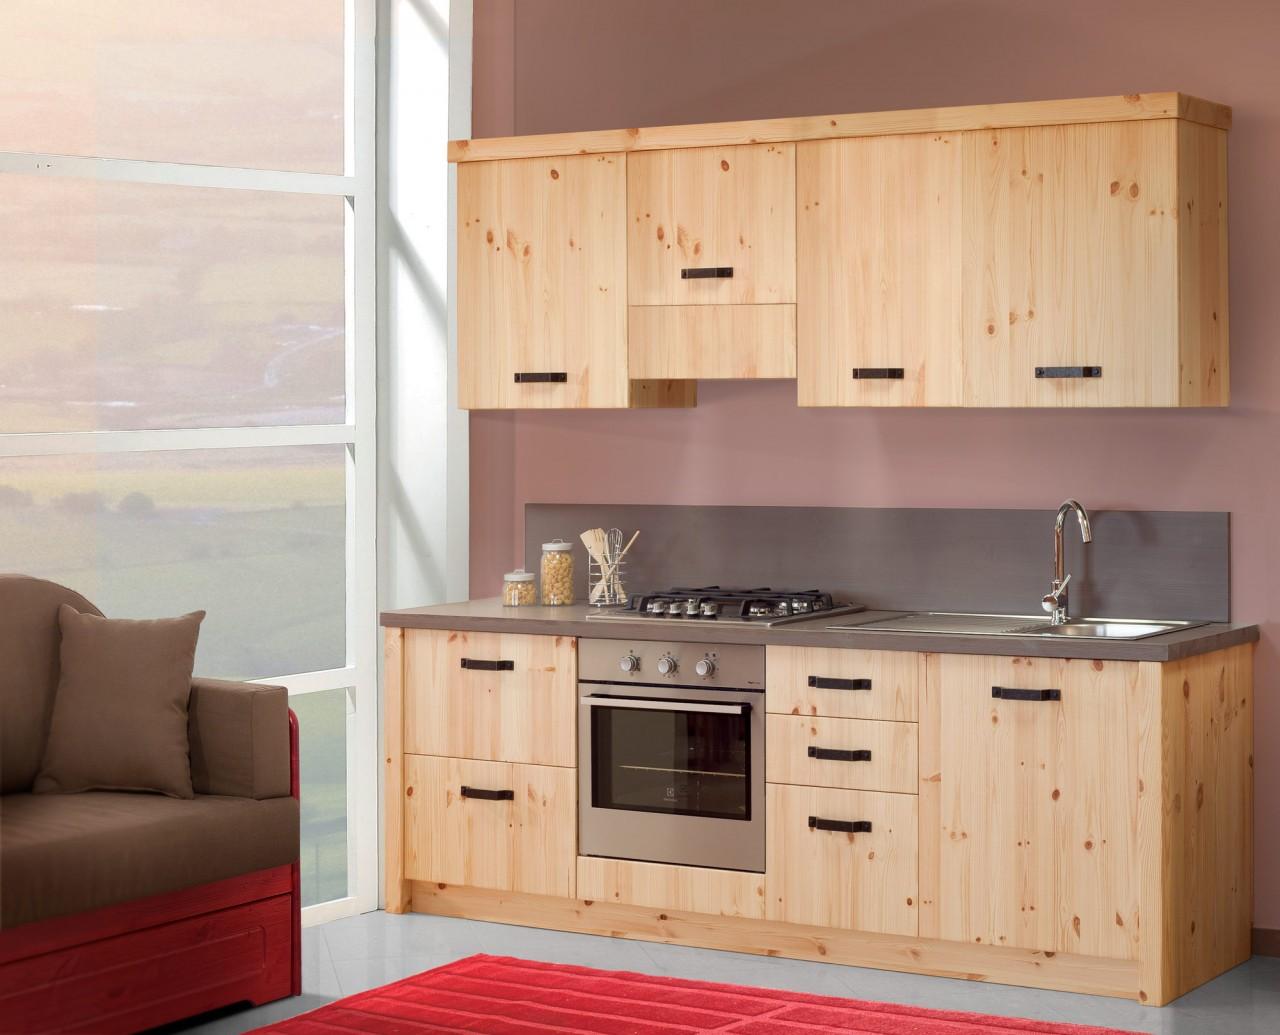 Mobili Rustici Cucina : Cucine rustica cucina milano classica arredamenti rustici